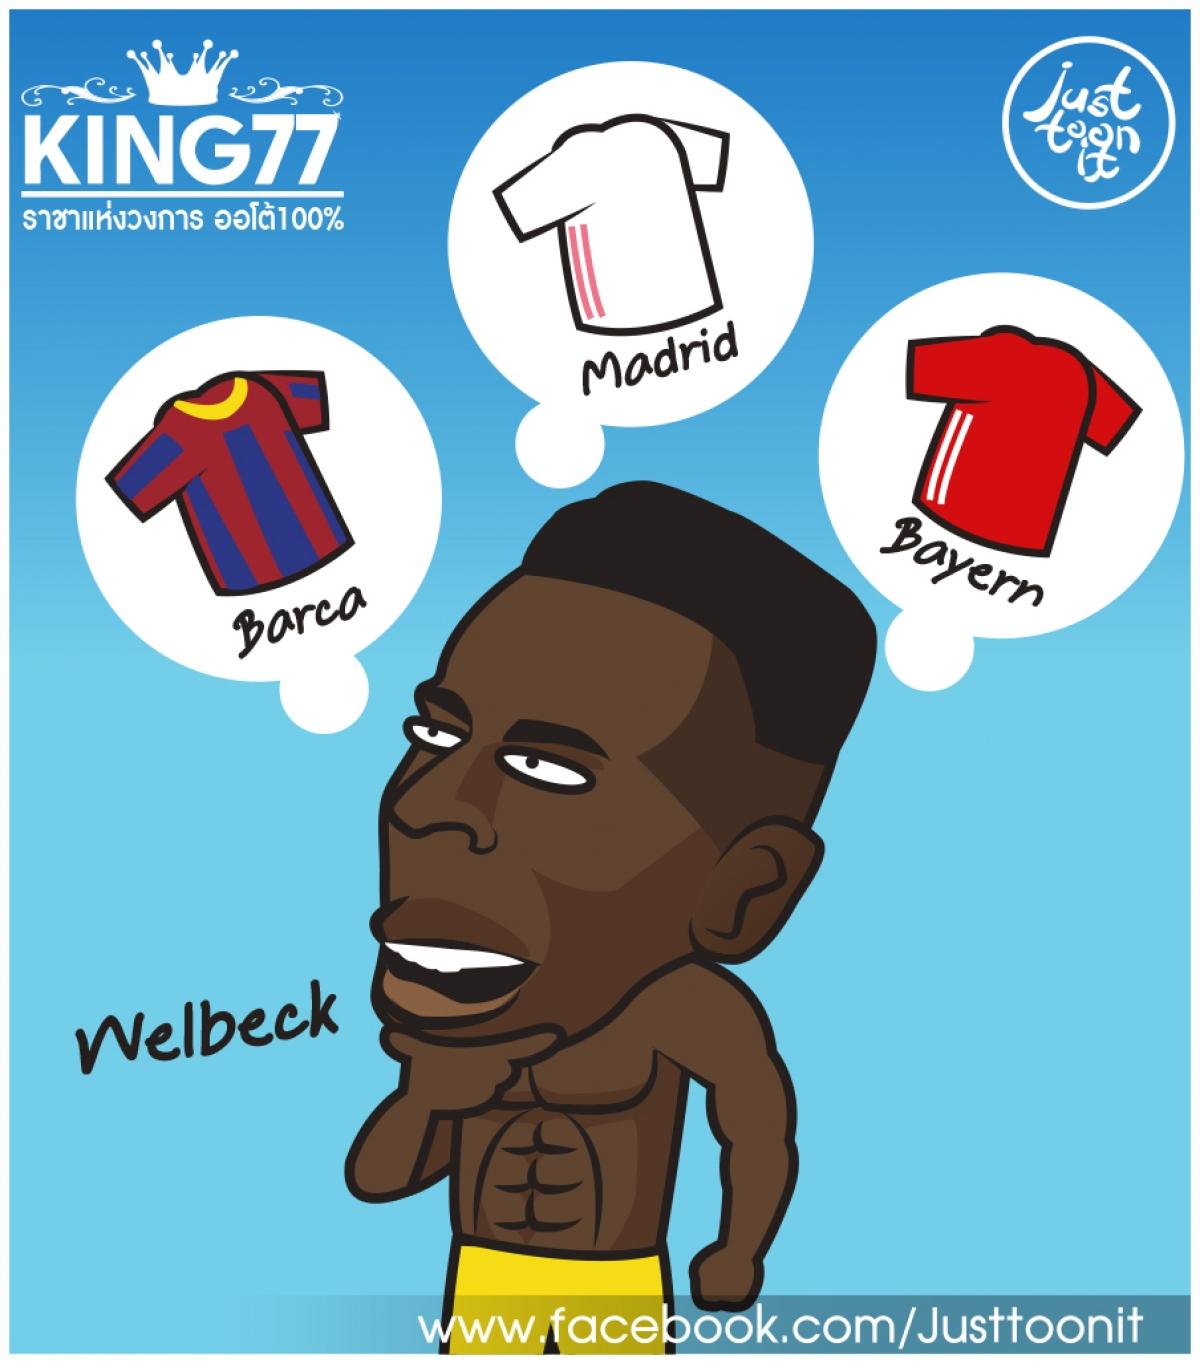 Welbeck sẽ đến đội bóng nào sau khi trở thành cầu thủ tự do? (Ảnh: JustToonit).